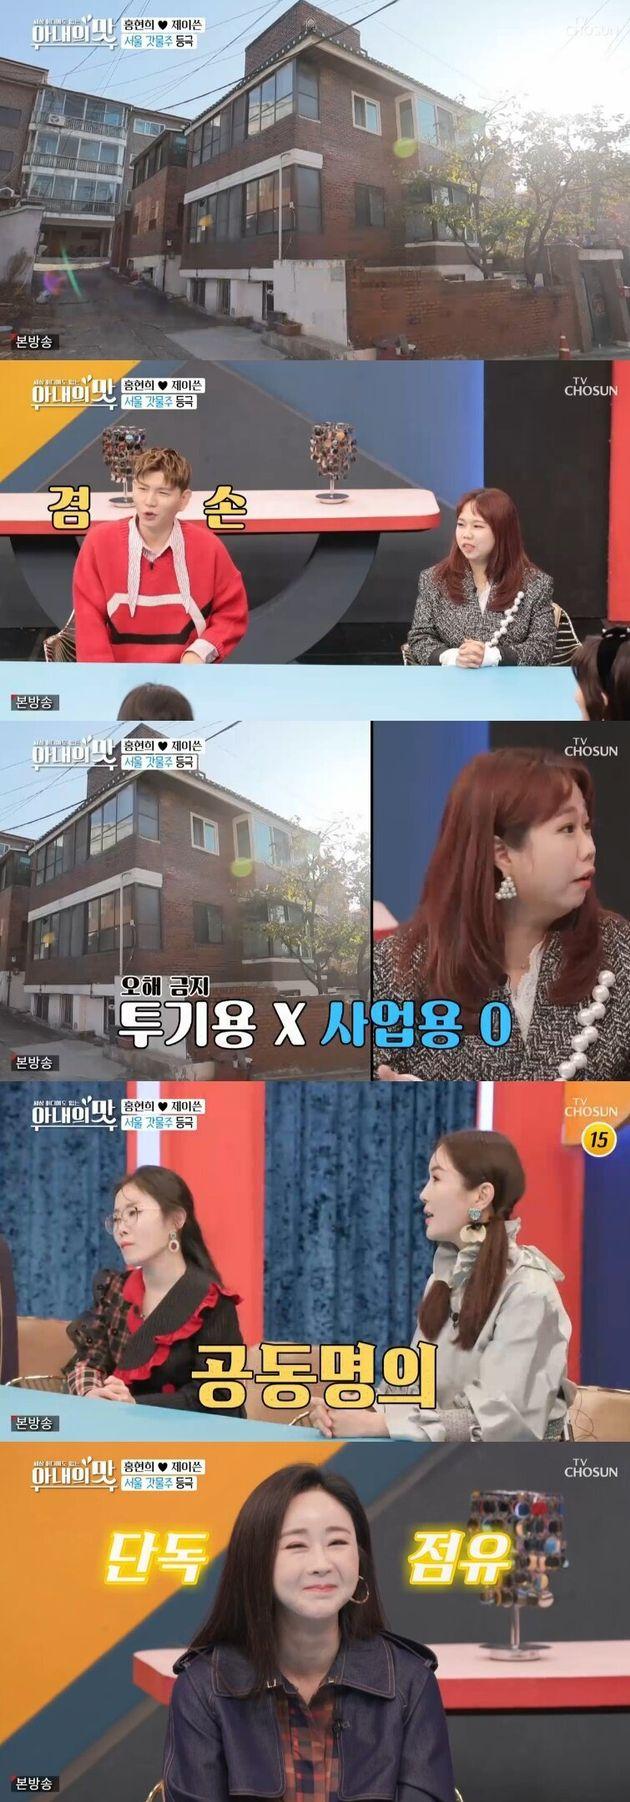 TV조선 '아내의 맛' 방송화면